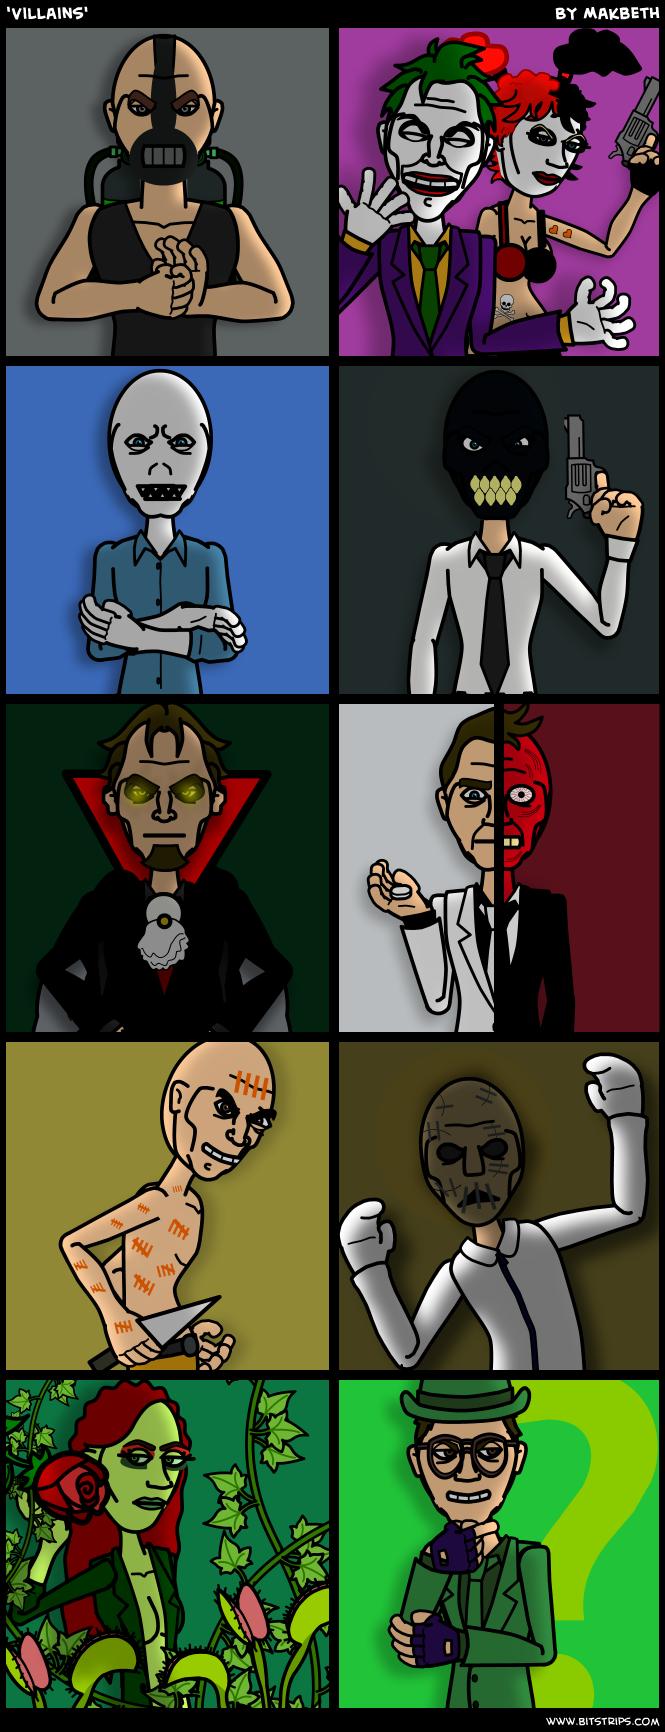 'Villains'